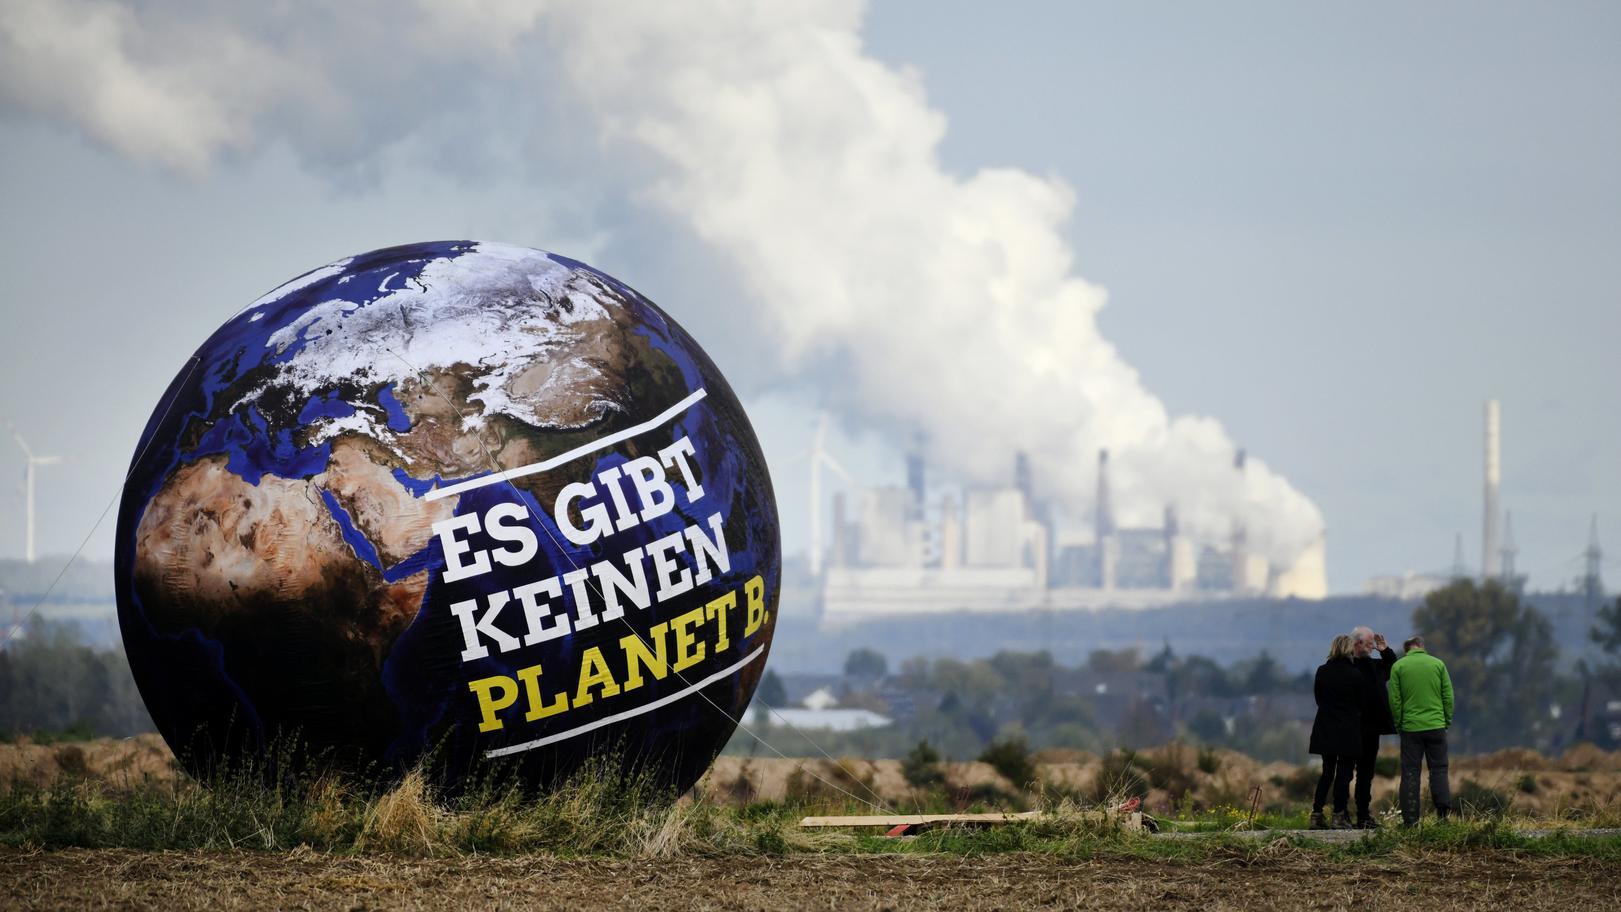 Ballon beim Landesparteitag der Grünen vor Braunkohlekraftwerken